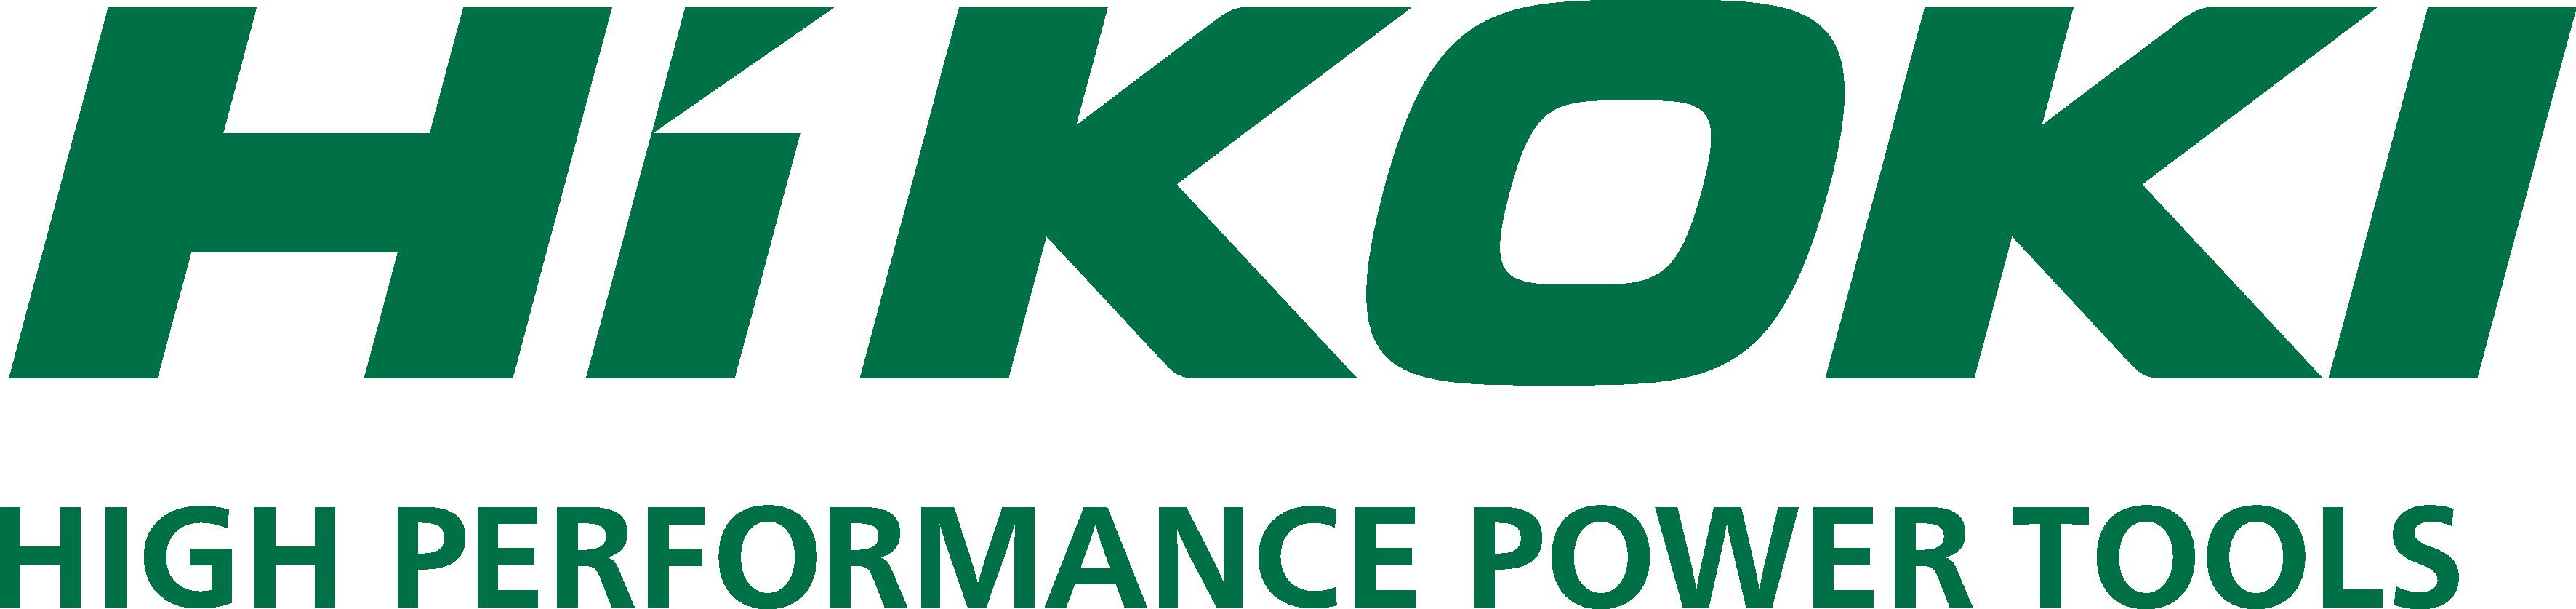 HiKOKI-logo-2.png